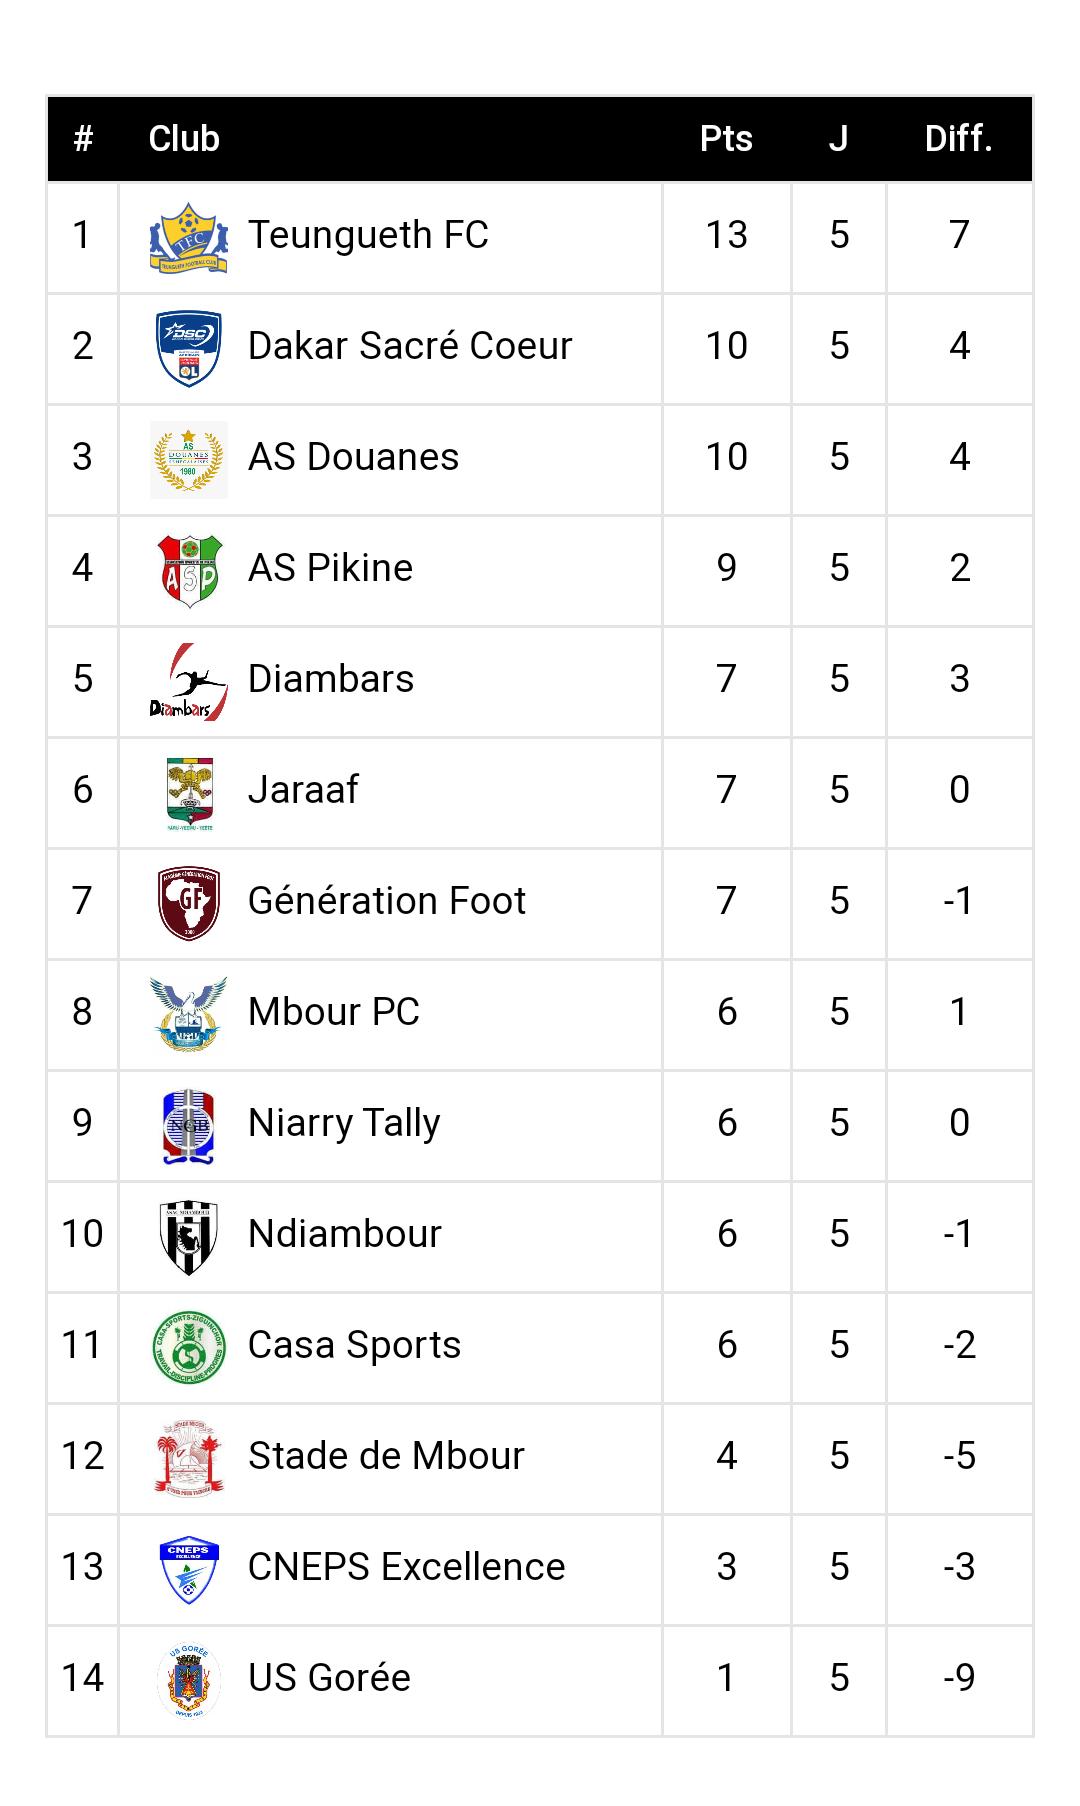 5ème journée Ligue 1 / Résultats et classement : Teungueth solide leader, les Mbourois se relancent, le Casa chute à domicile.